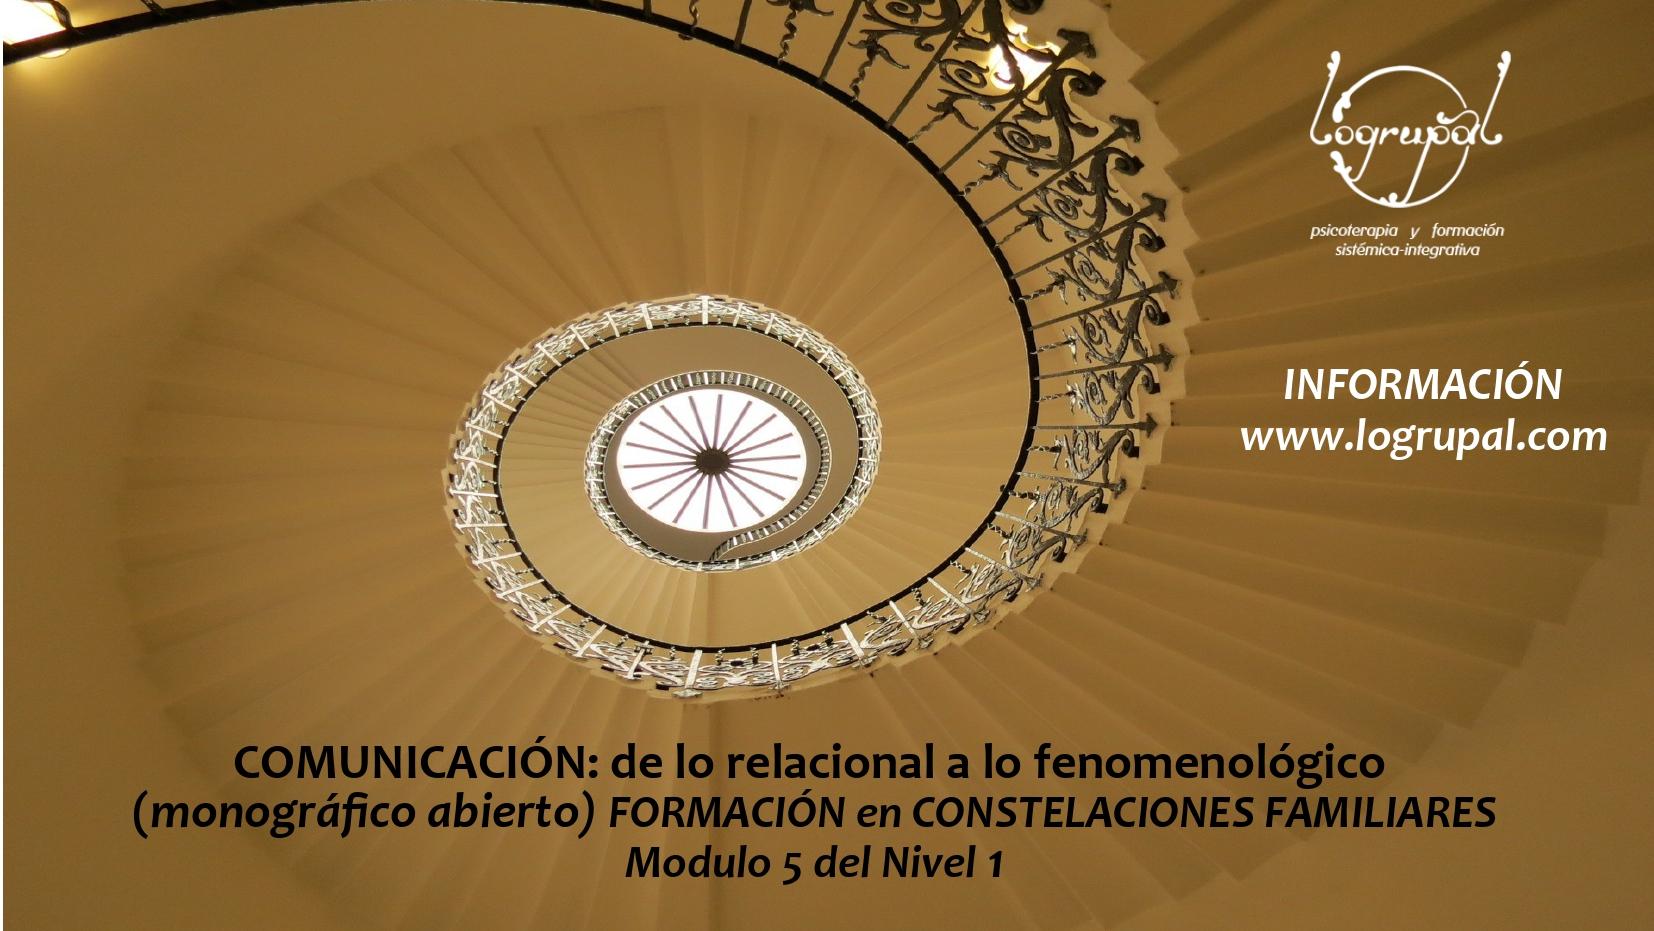 Monográfico abierto: Comunicación, de lo relacional a lo fenomenológico         Módulo 5 del nivel 1 de la Formación en Constelaciones Familiares en Almería (presencial y online) – 22 al 24 de mayo